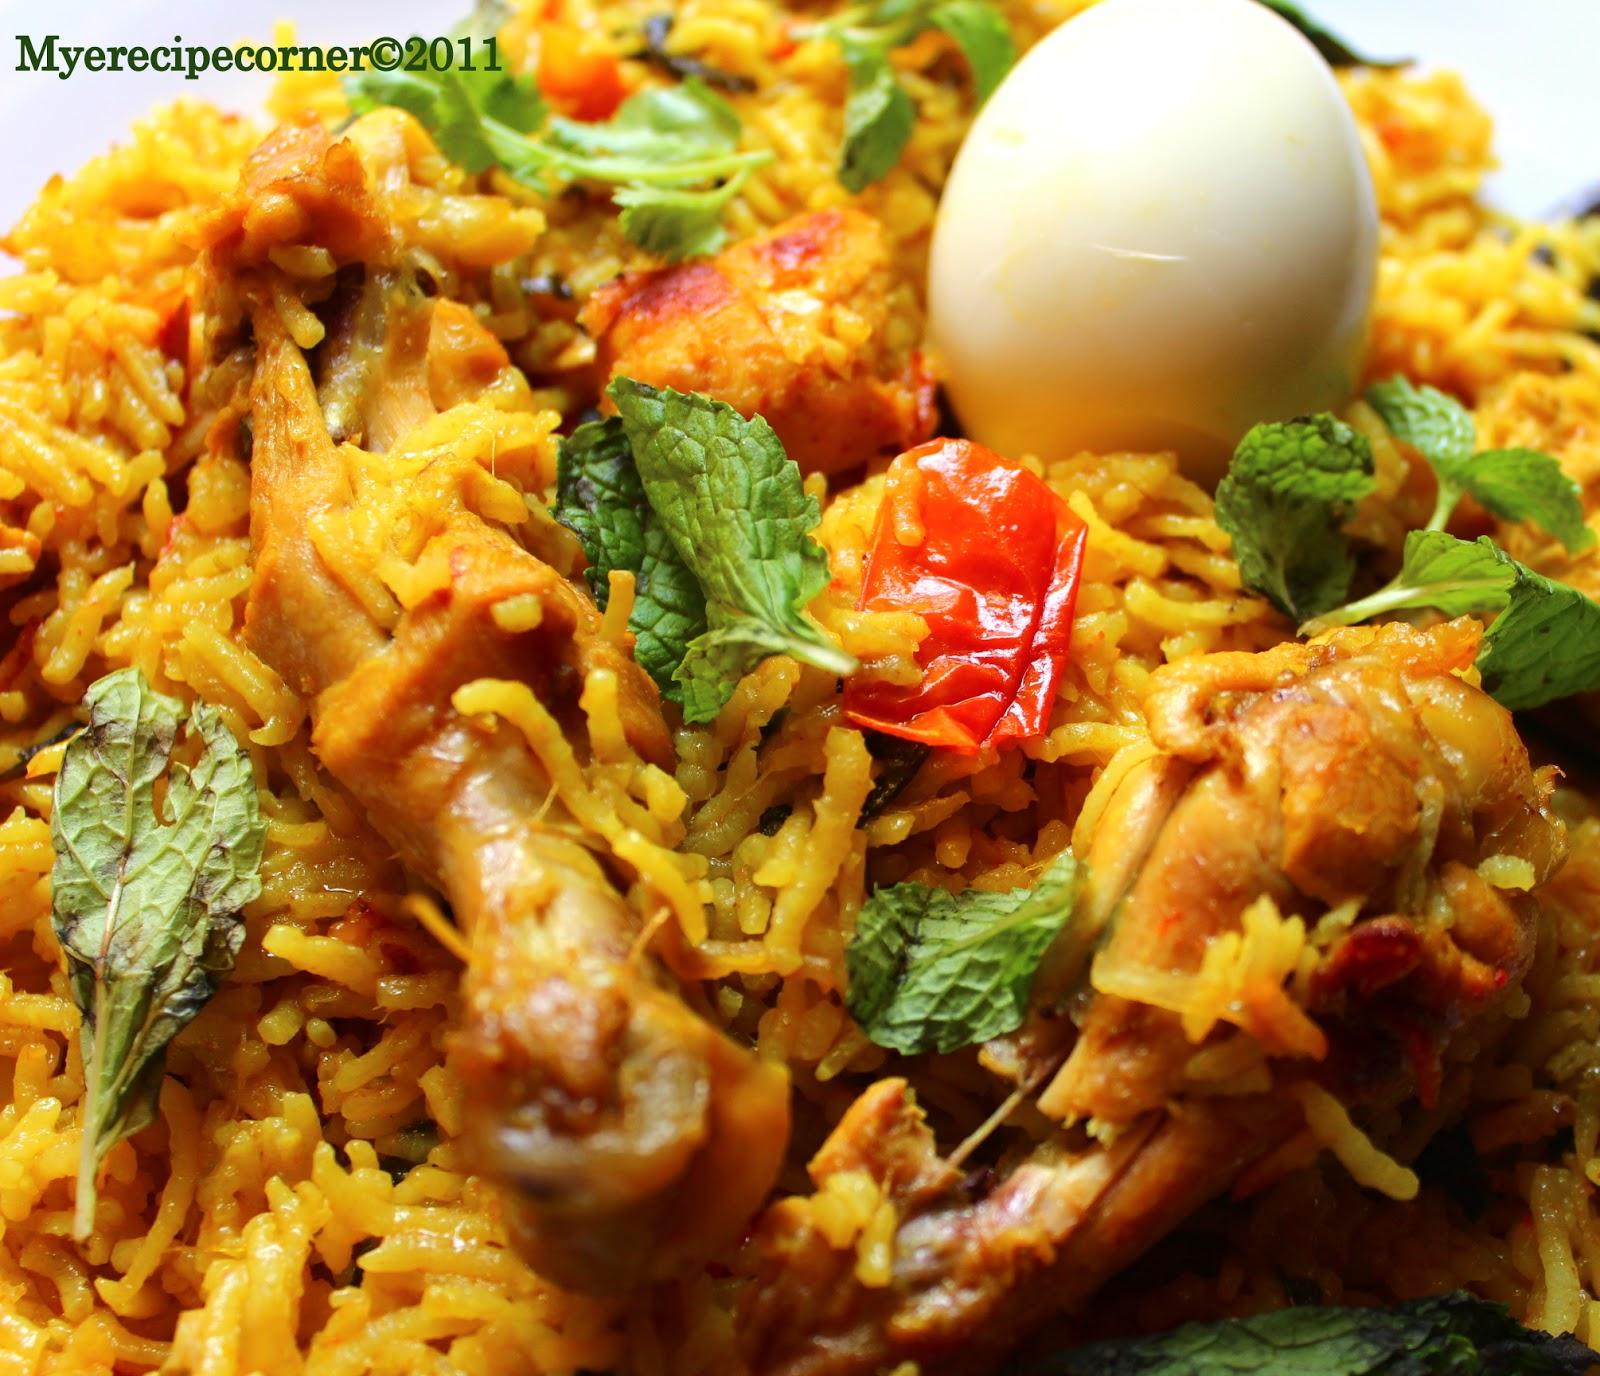 Myes kitchen muslims chicken biryani fail safe recipe muslims chicken biryani recipe forumfinder Gallery